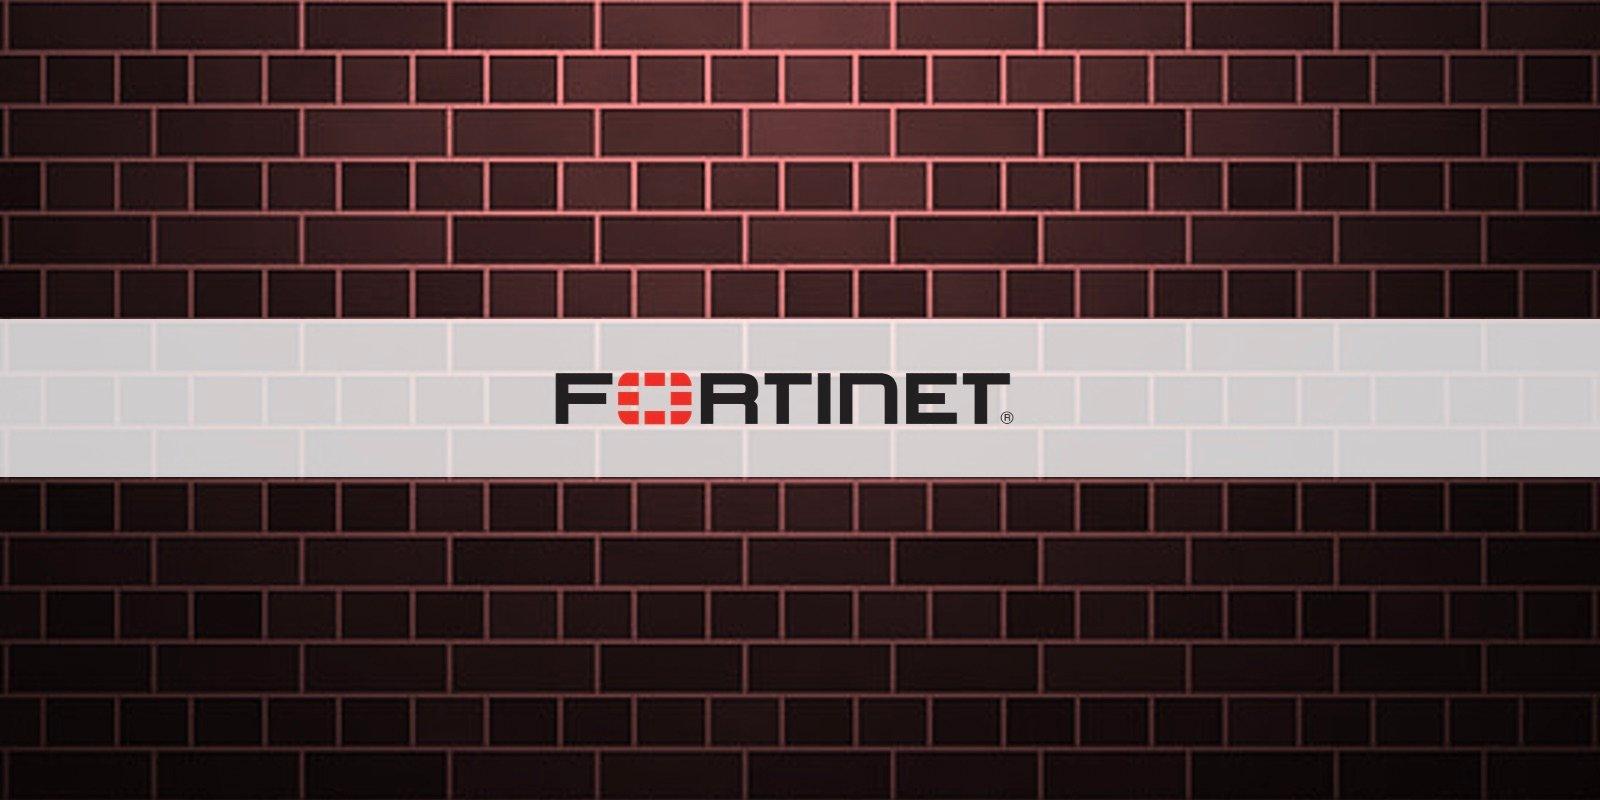 На хакерском форуме доступны пароли для 500 тыс. аккаунтов Fortinet VPN